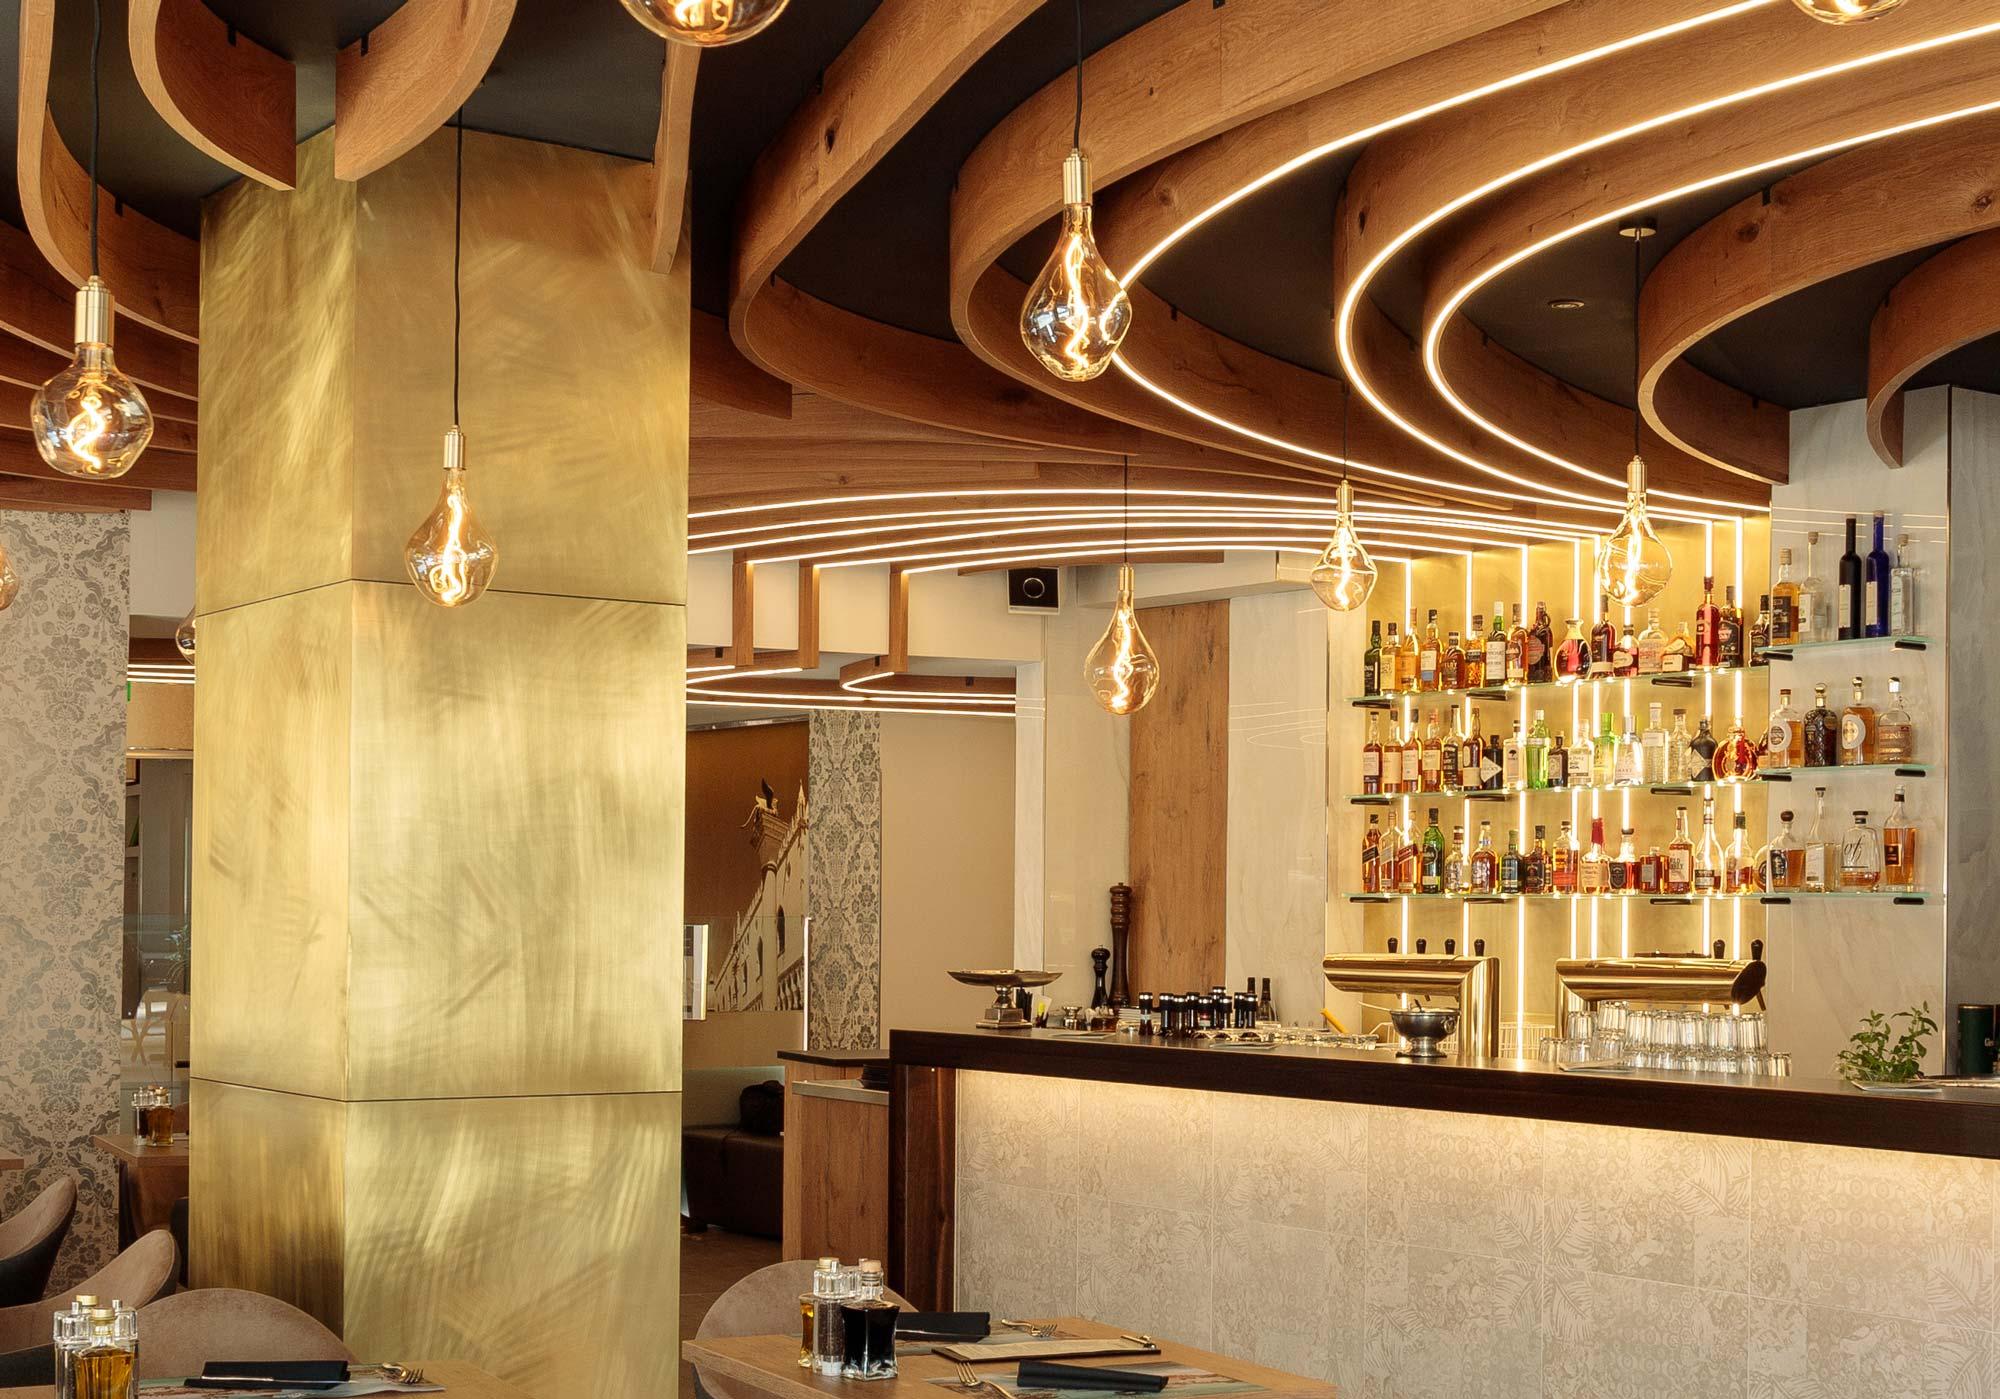 wandgestaltung-restaurant-in-muenchen-wandpaneele-aus-messing-4